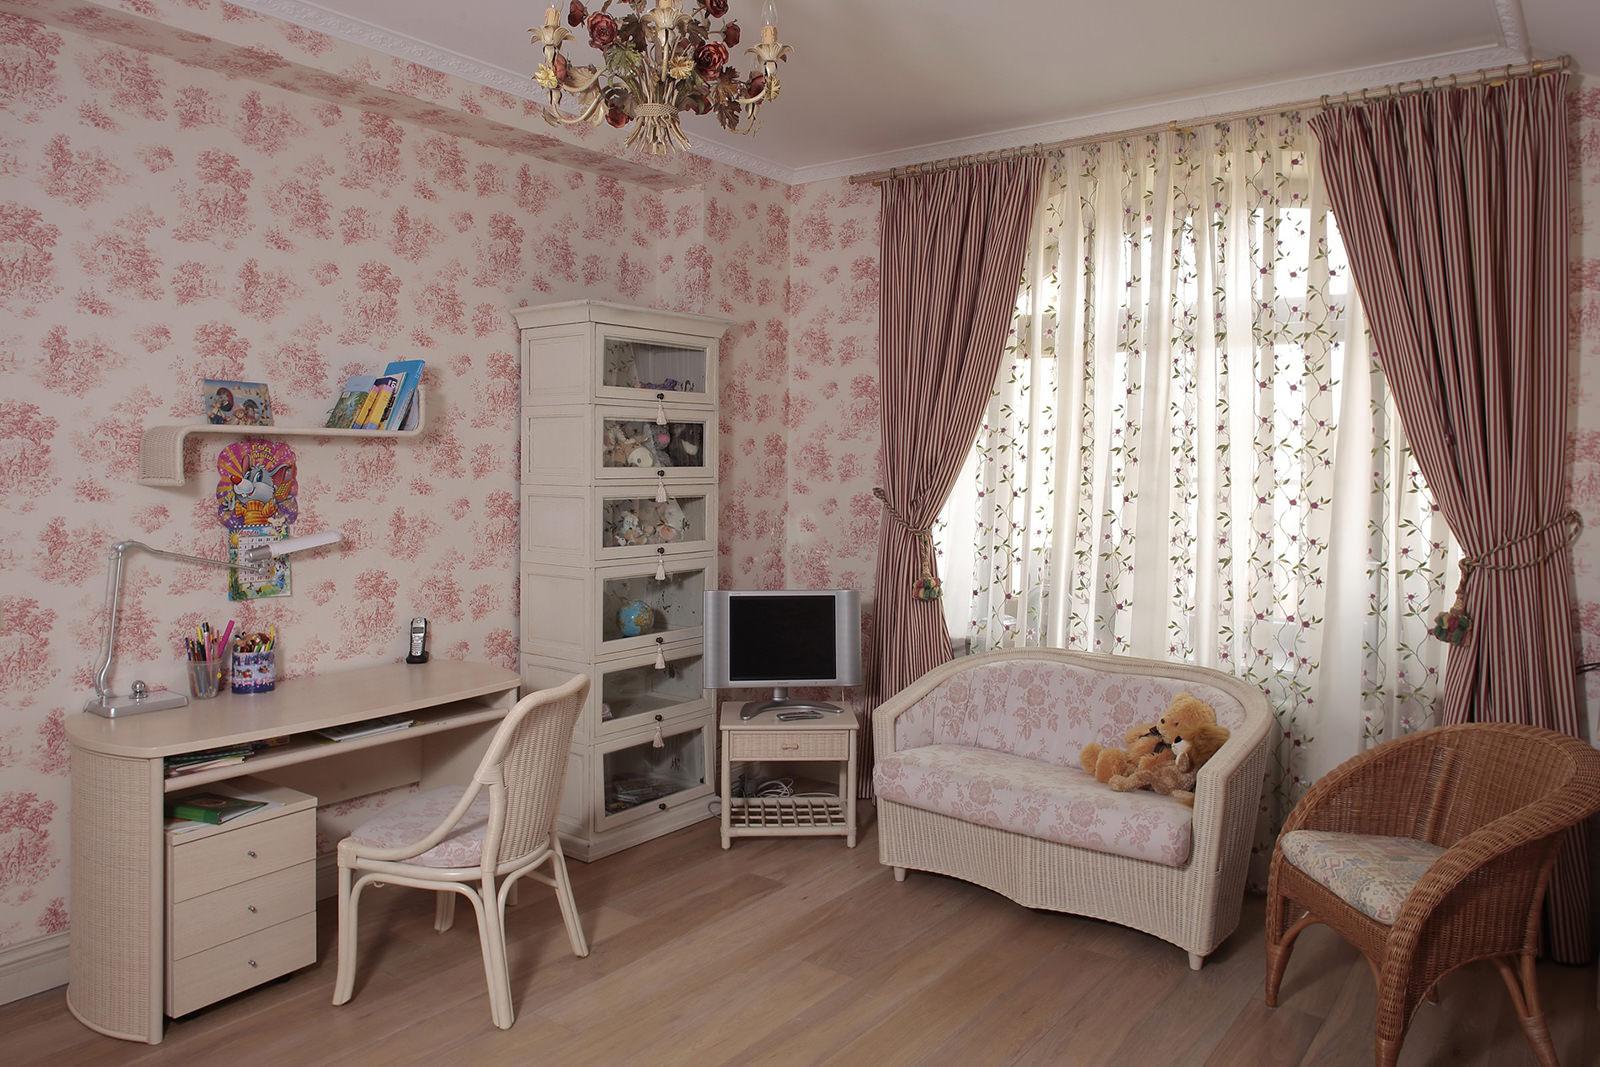 Обои для комнаты девочки в стиле прованс